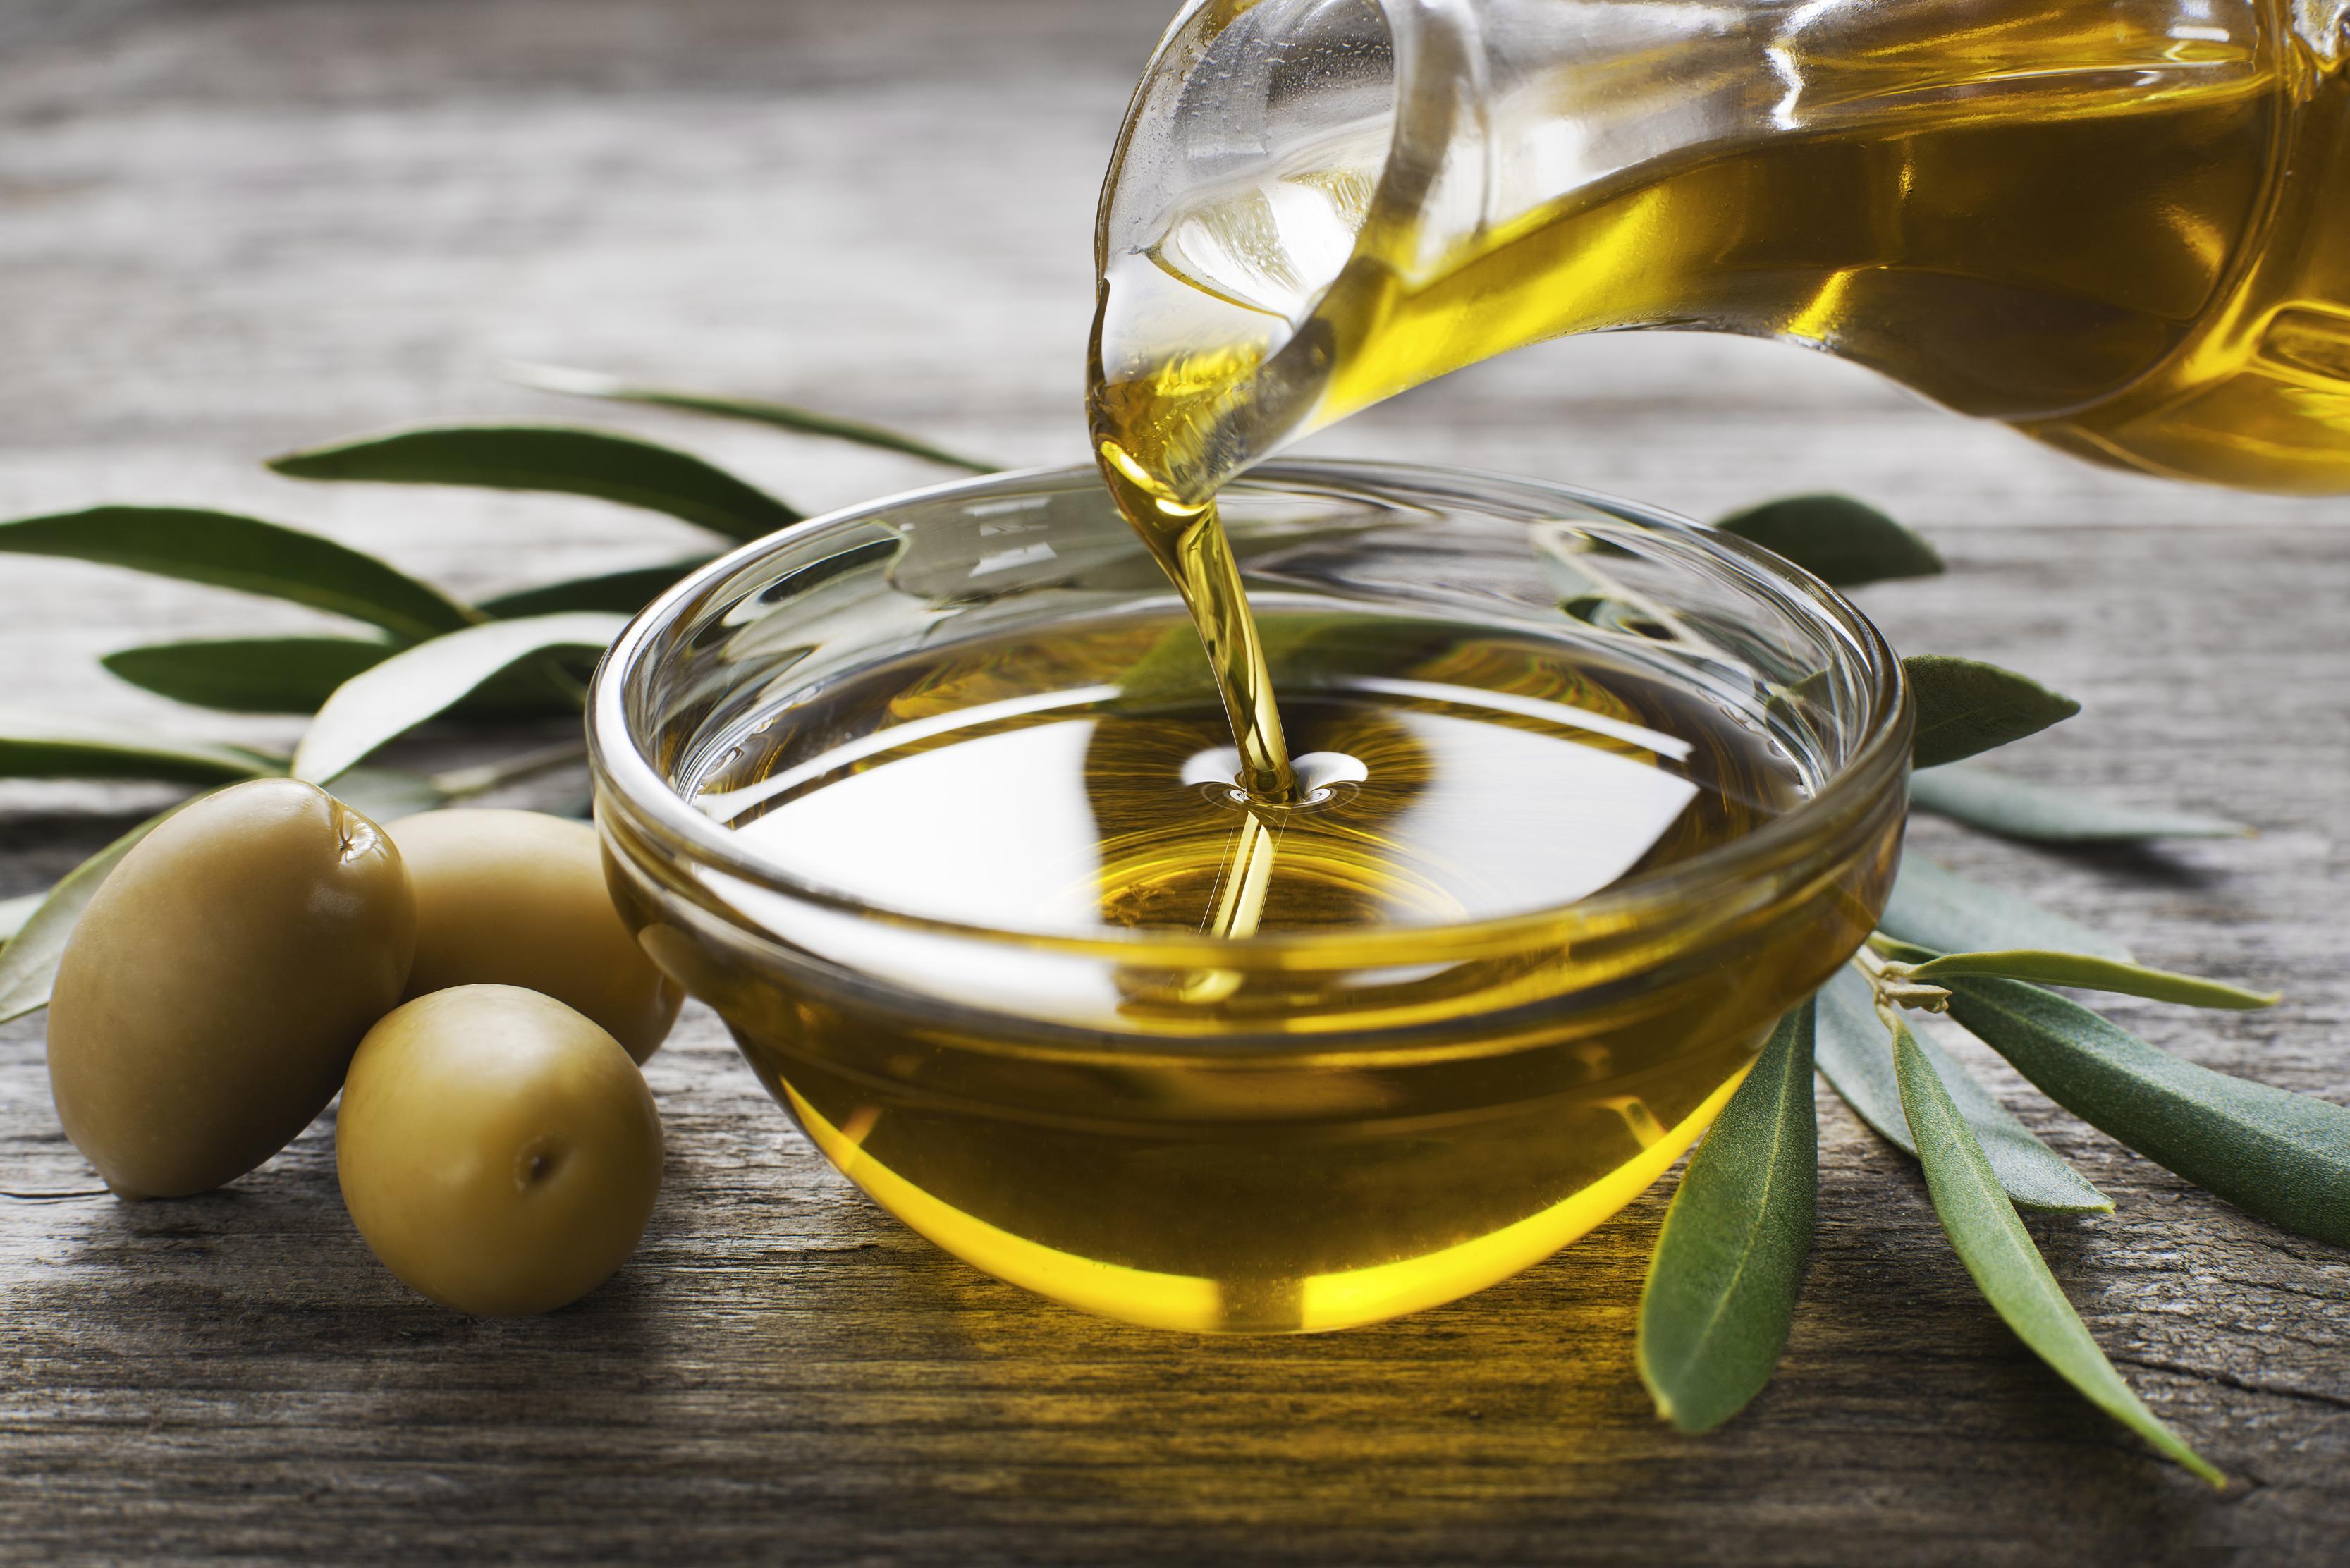 صورة علاج زيت الزيتون , ماذا يعلاج زيت الزيتون